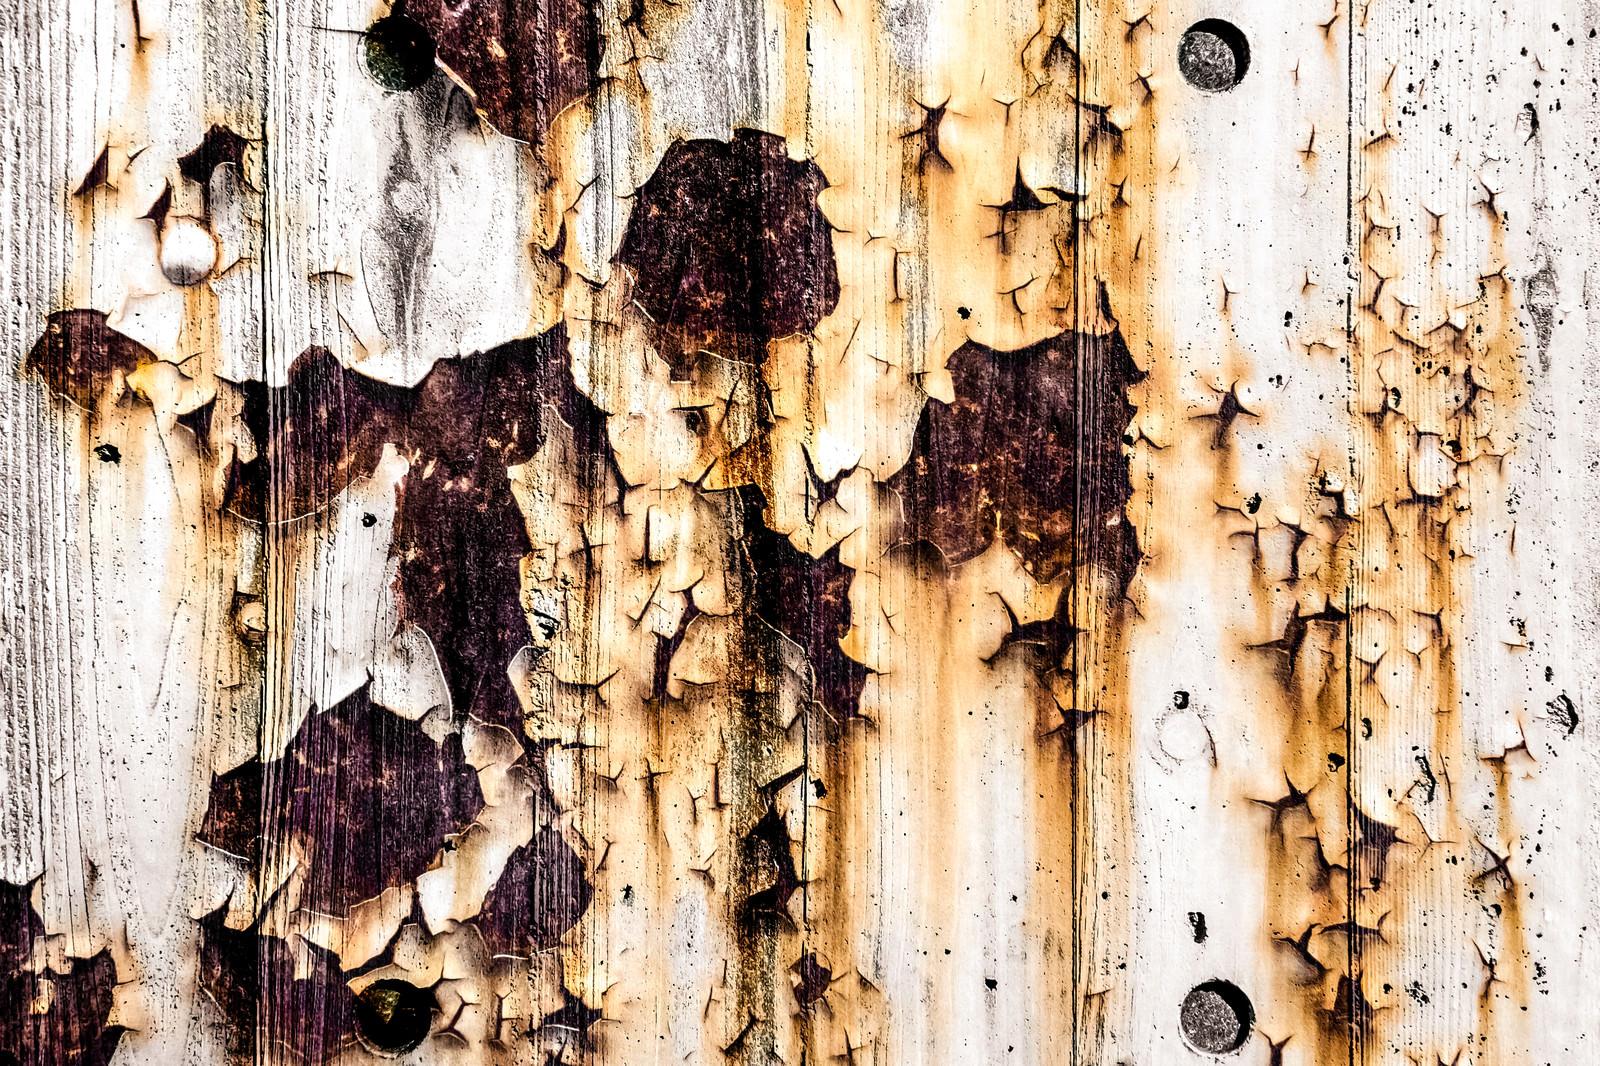 「木目と錆のテクスチャ(フォトモンタージュ)」の写真